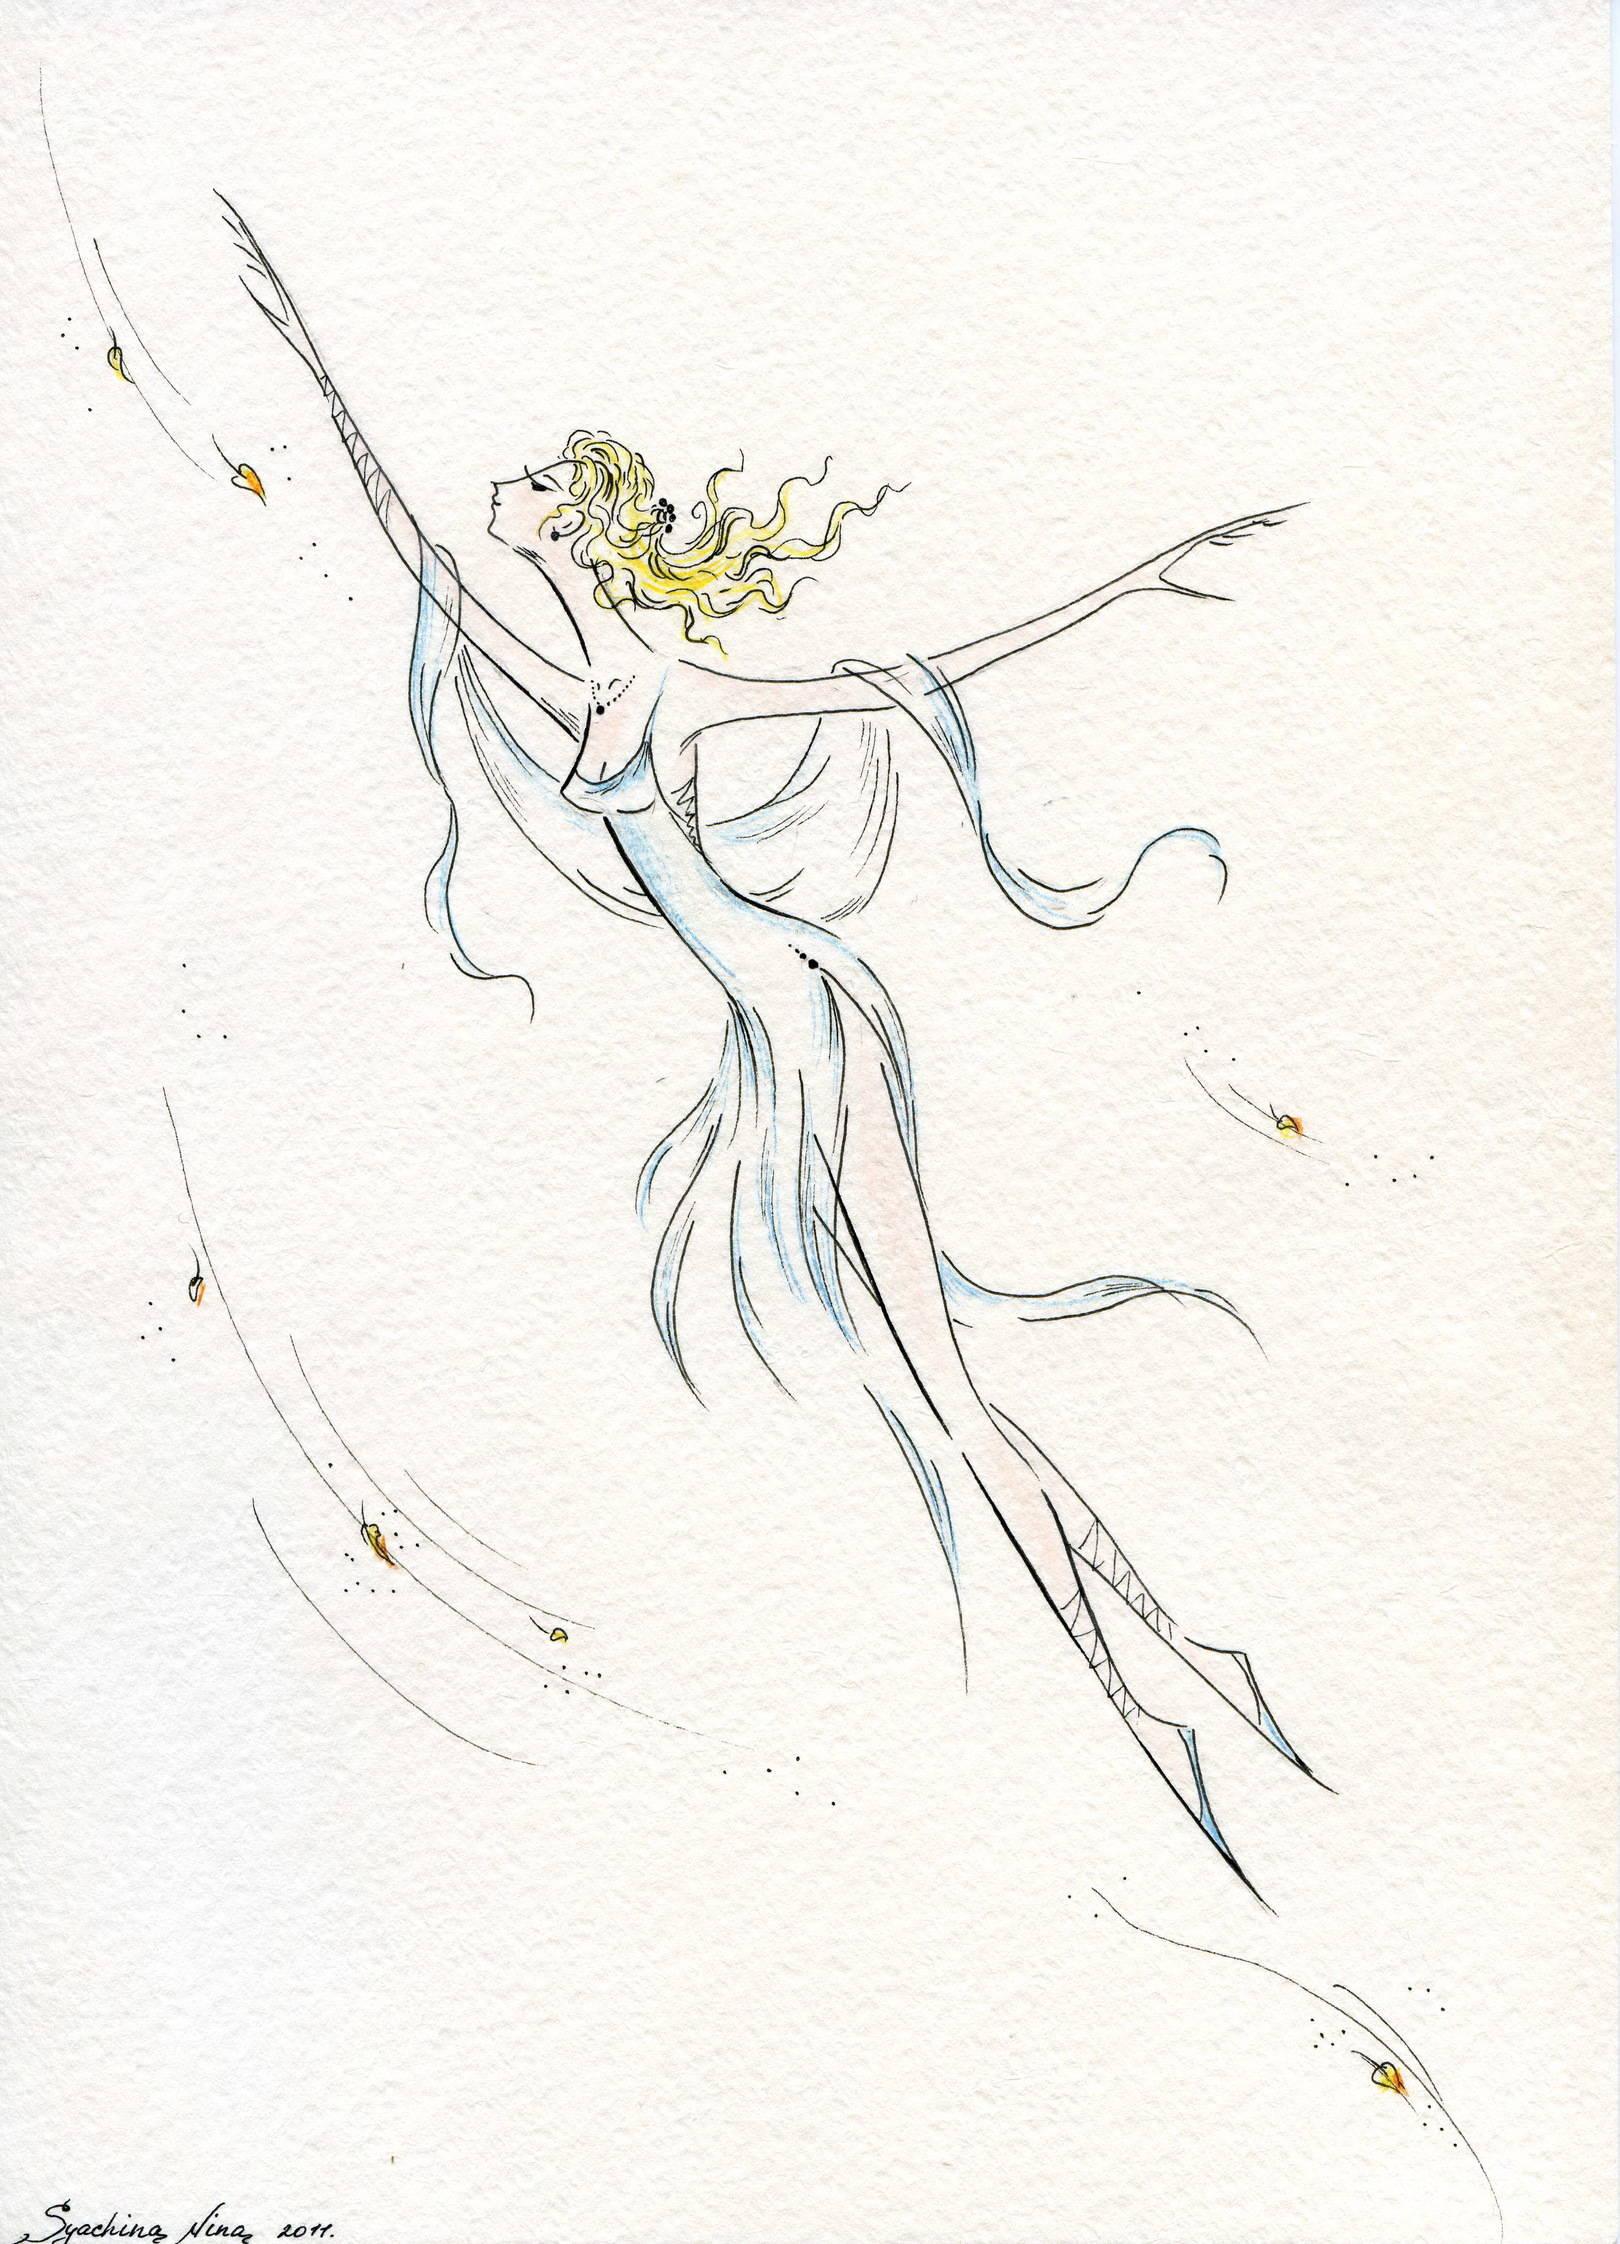 иллюстрация к стихотворению автора